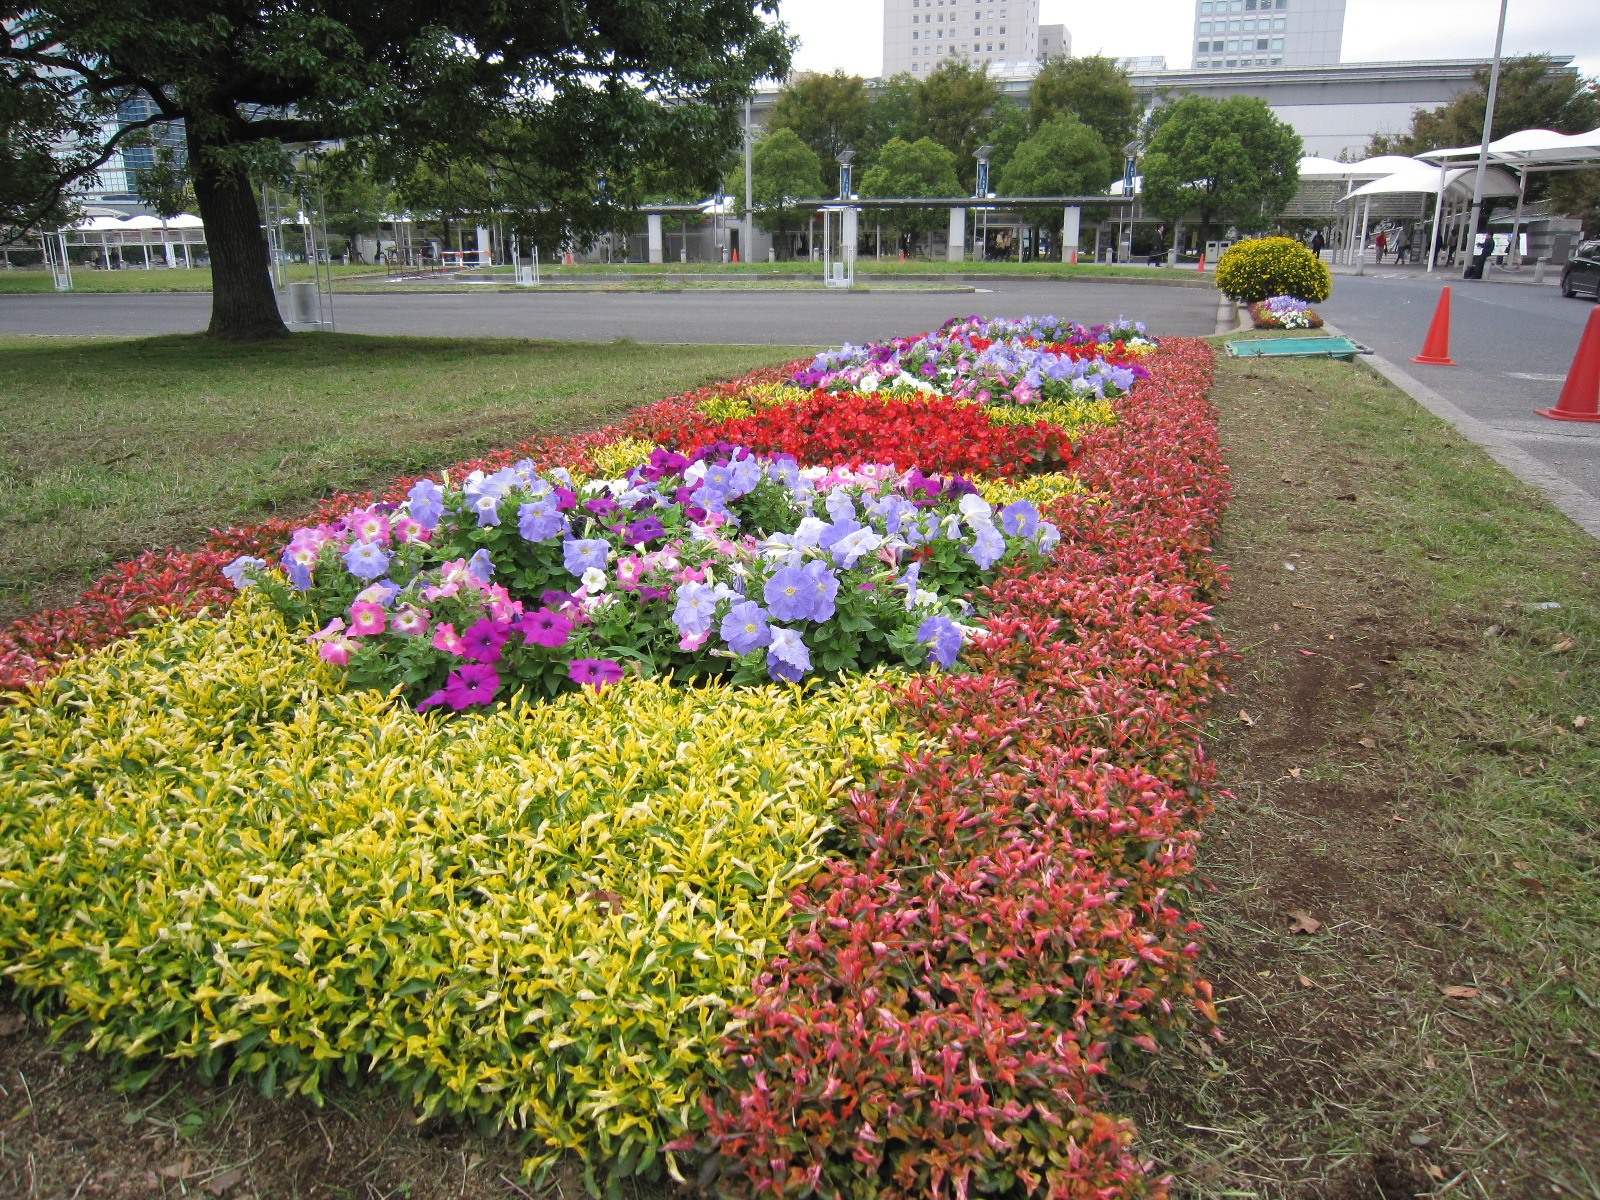 平成28年度国際展示場駅前広場内他1箇所緑地保護管理委託